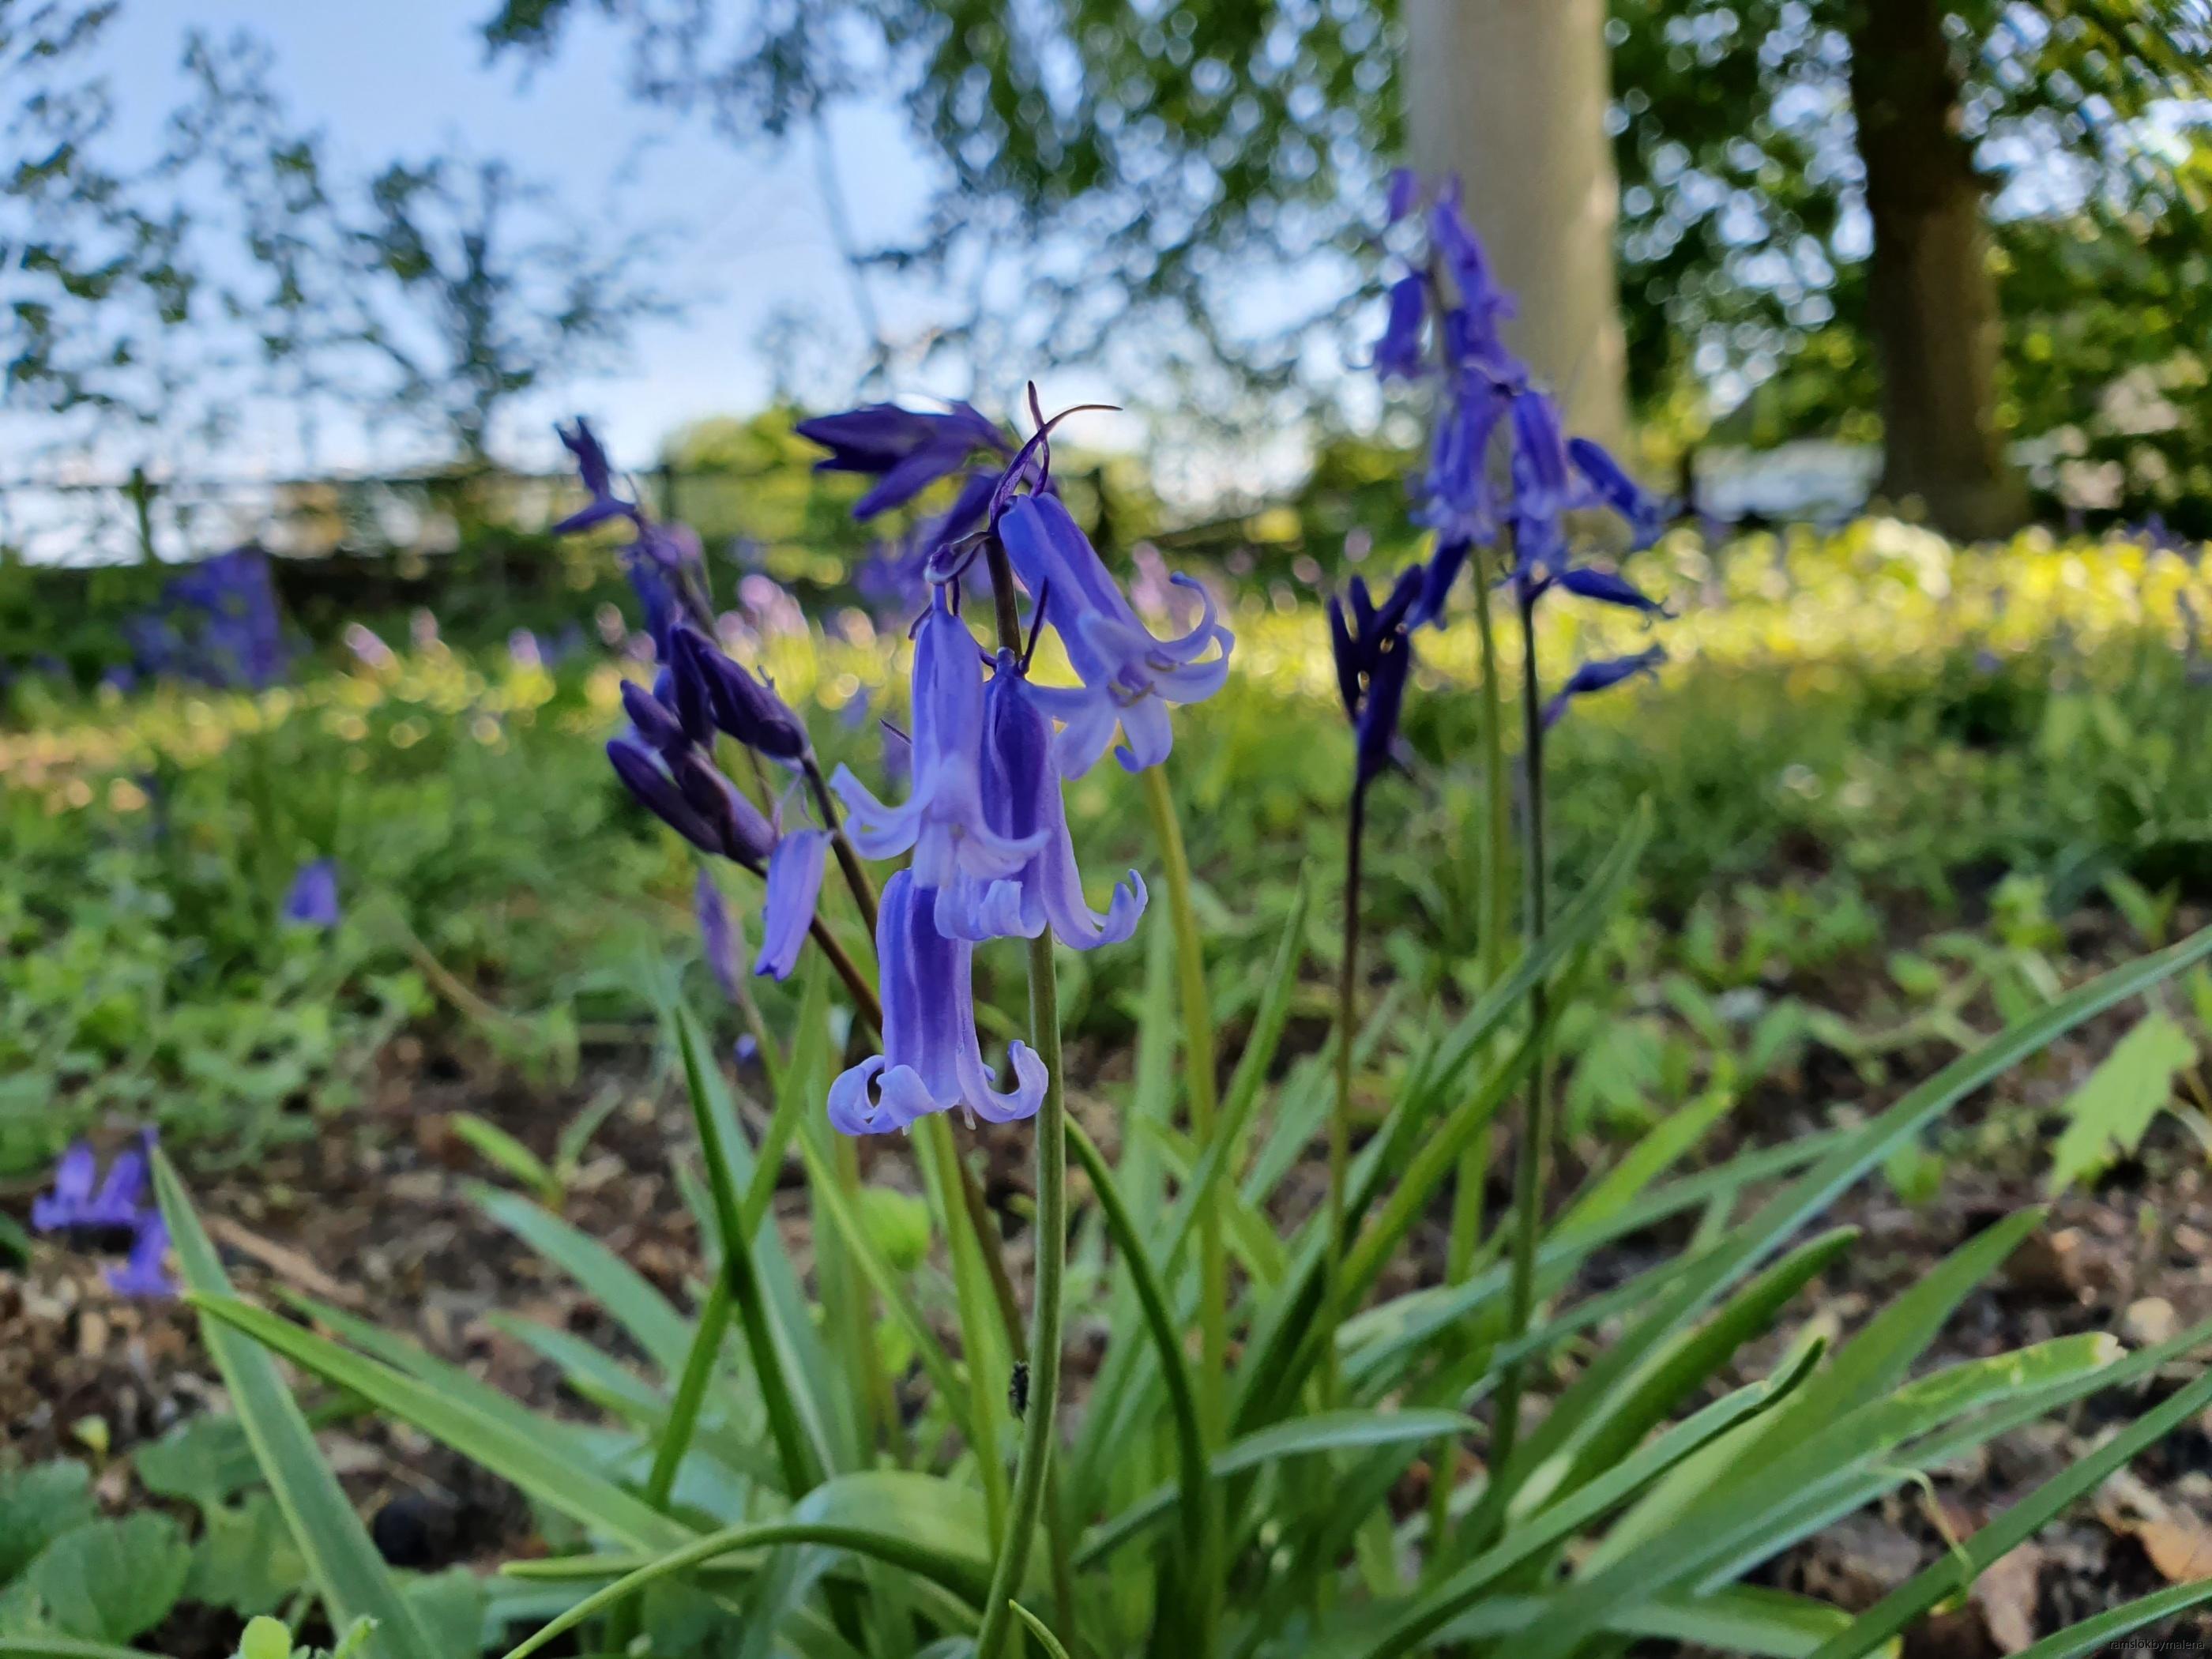 Lökar av klockhyacint våren 2020 efter plantering hösten 2019